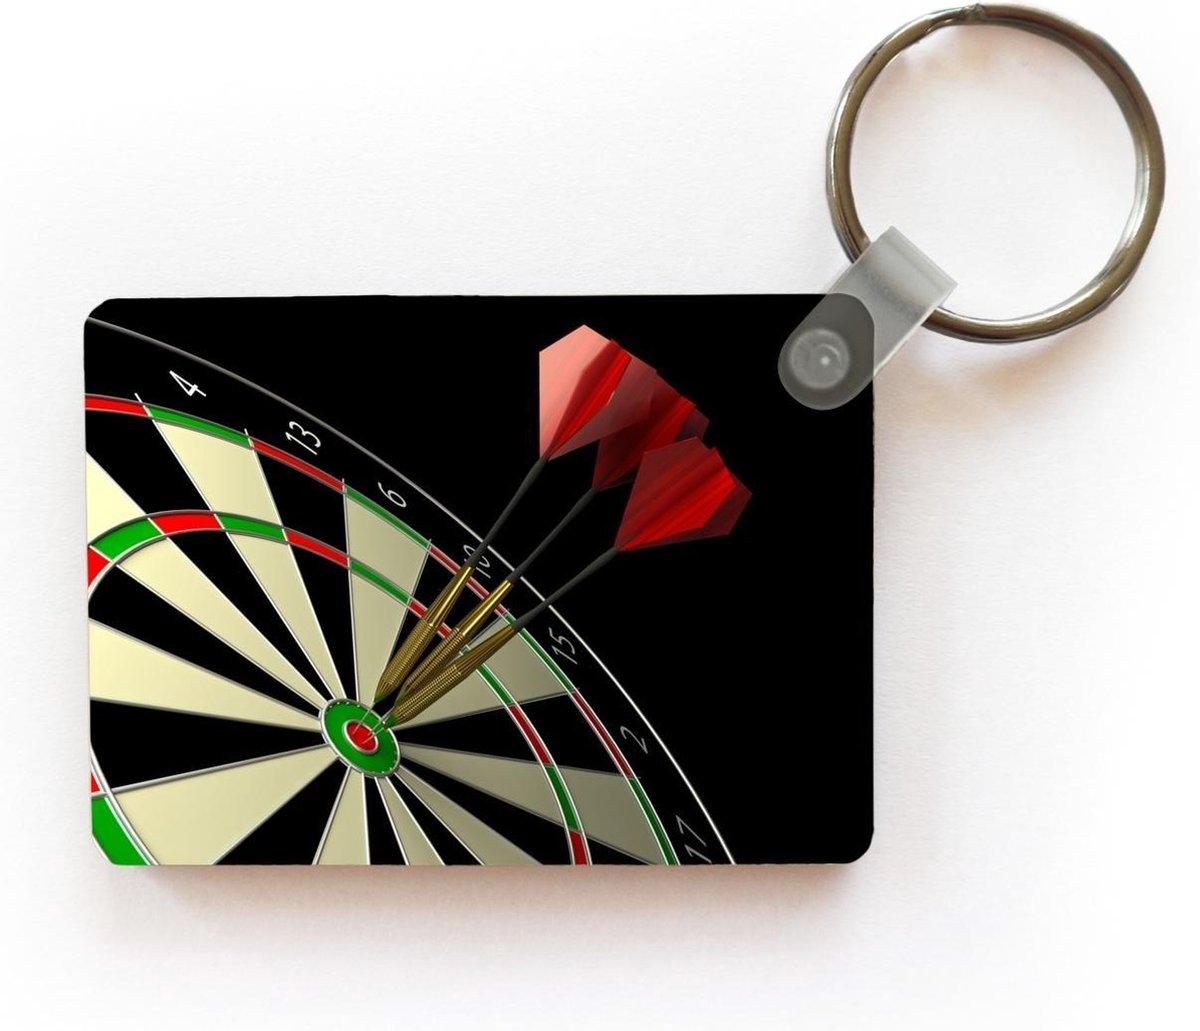 Sleutelhanger Darten - Twee pijlen in de roos sleutelhanger plastic - rechthoekige sleutelhanger met foto